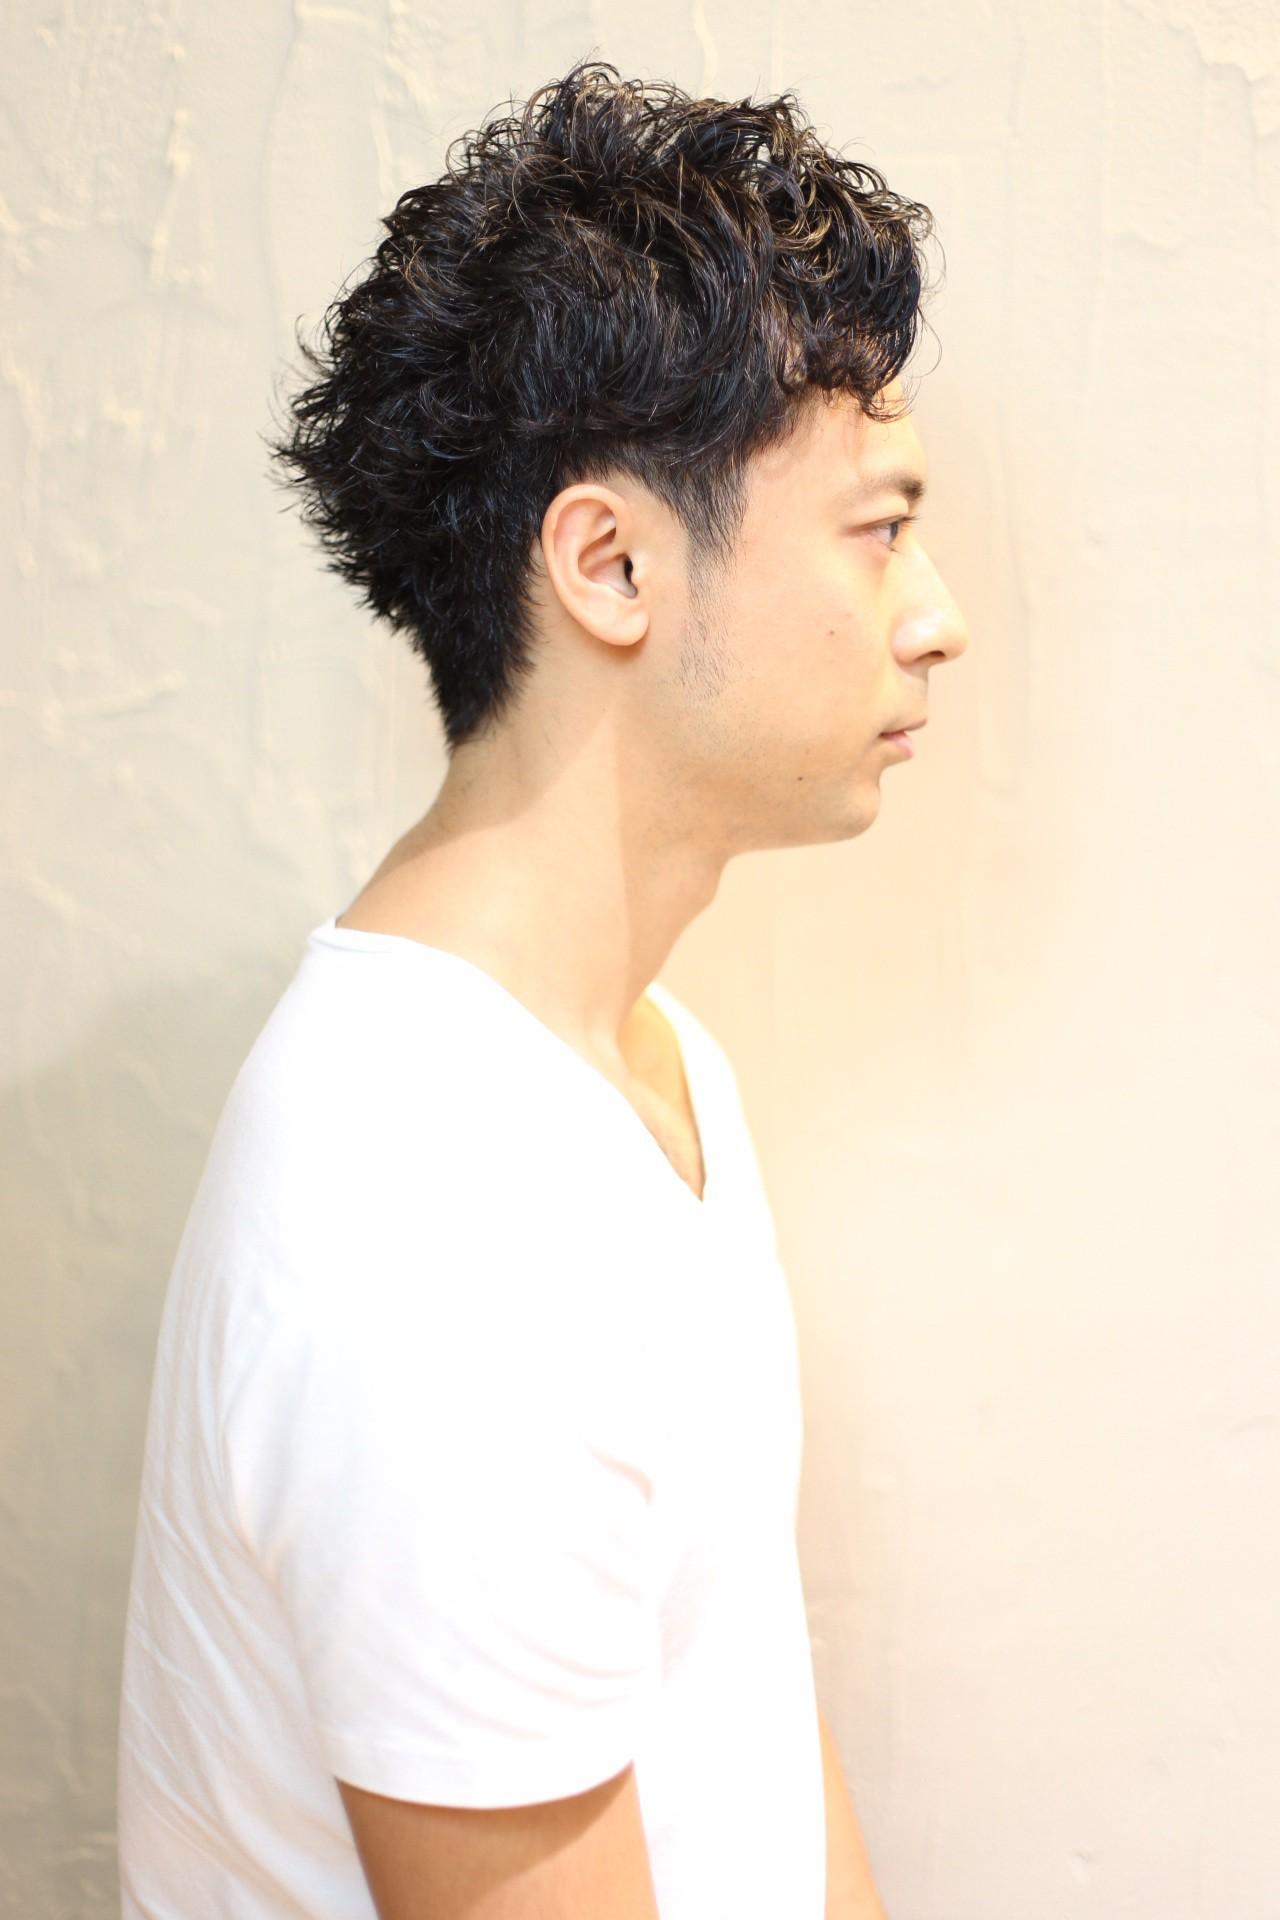 men's style03